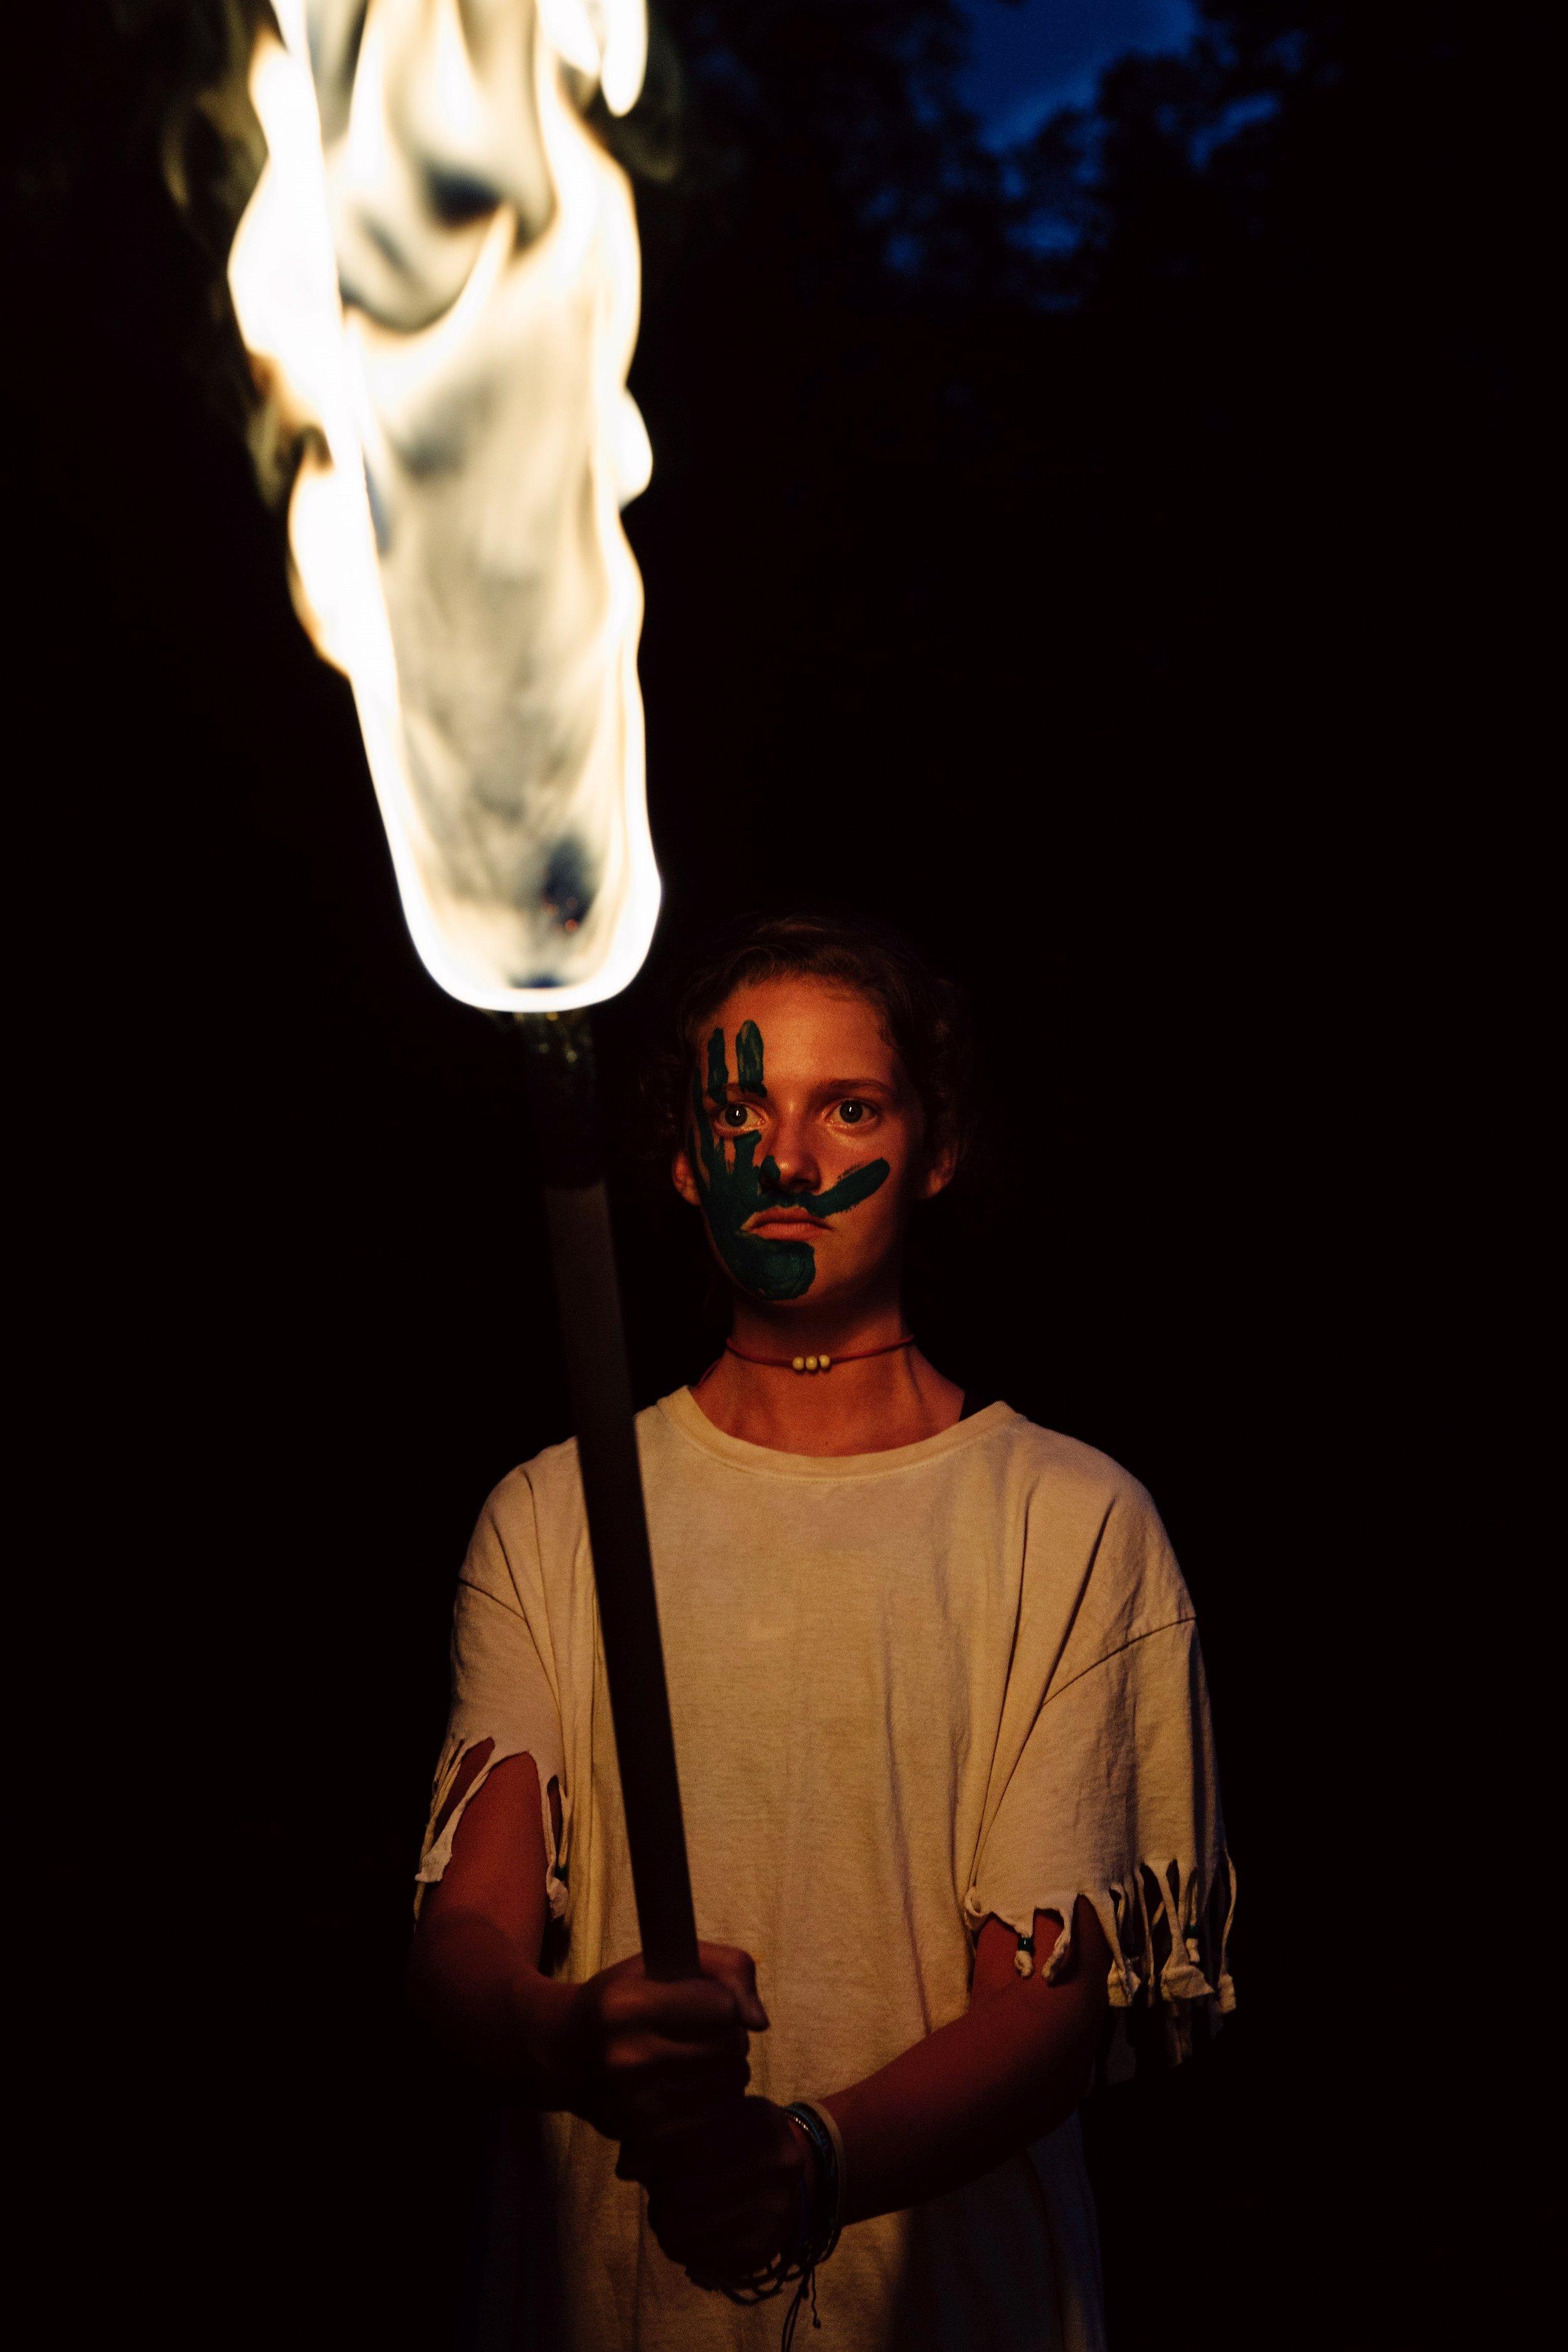 girl torch.jpg